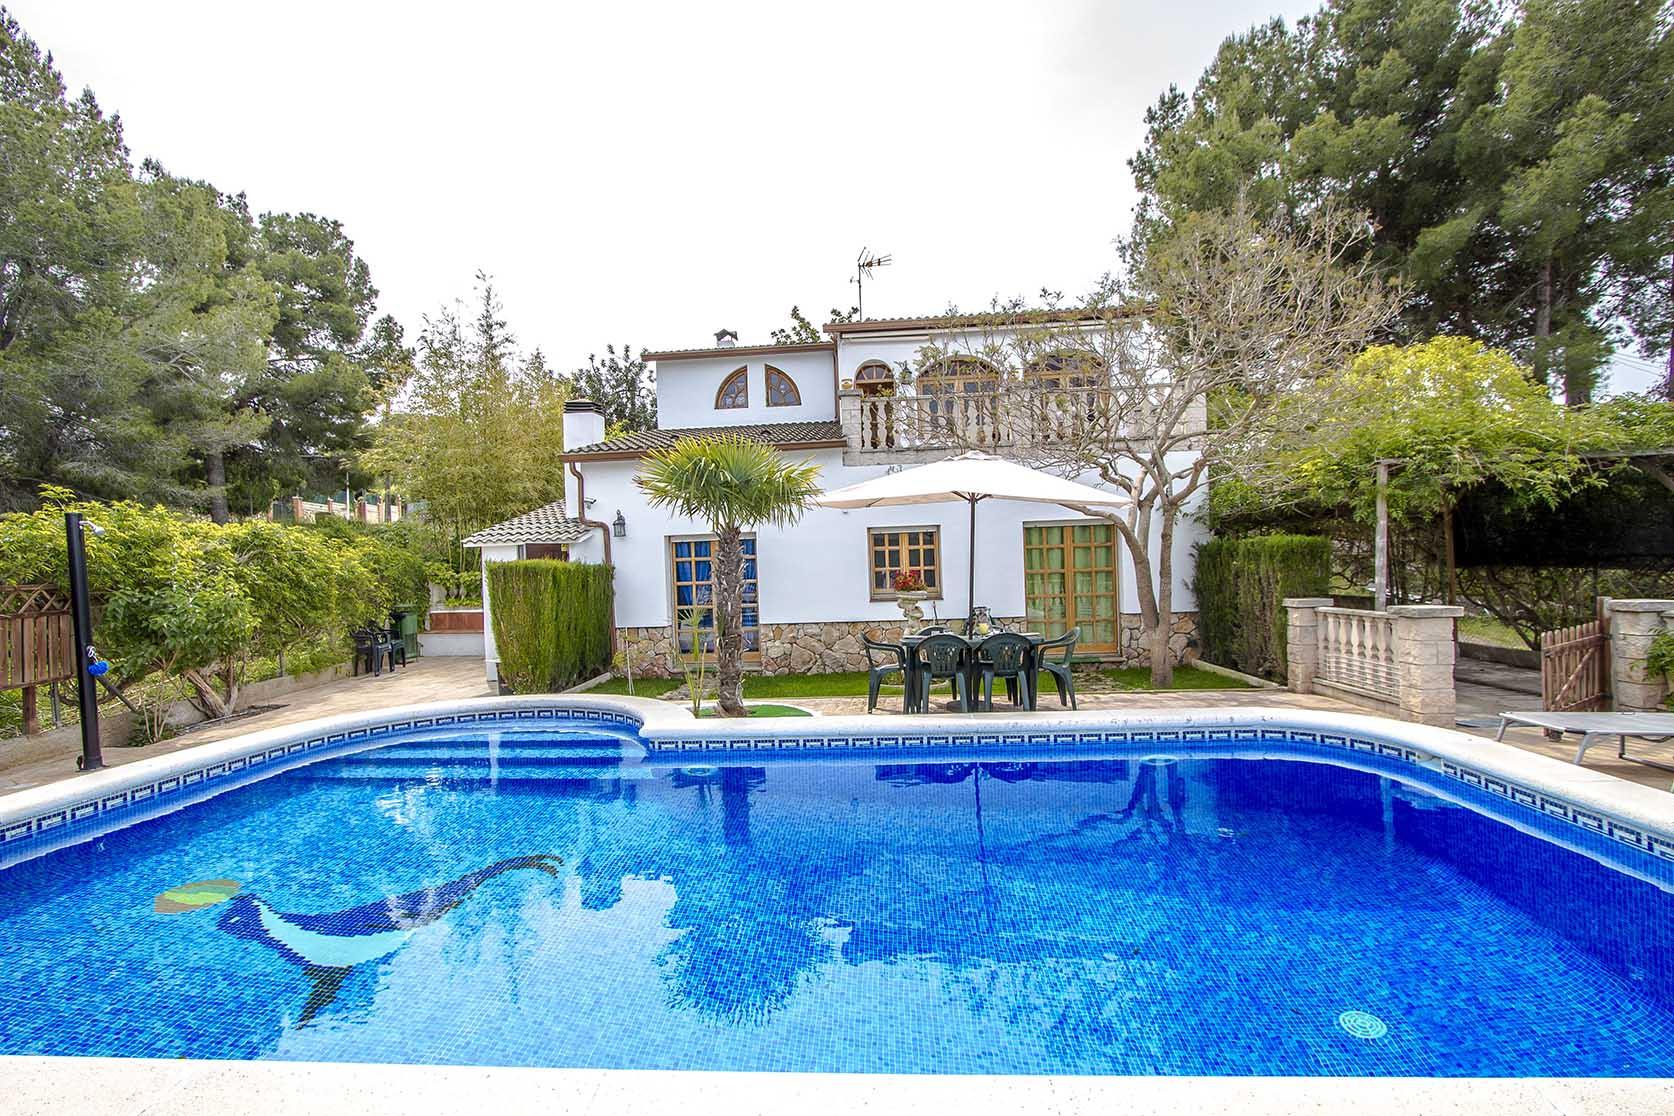 Ferienhaus Catalunya Casas: Lovely villa in Castellet, only 10 min to Costa Dorada beaches! (1890850), Castellet i la Gornal, Costa del Garraf, Katalonien, Spanien, Bild 3